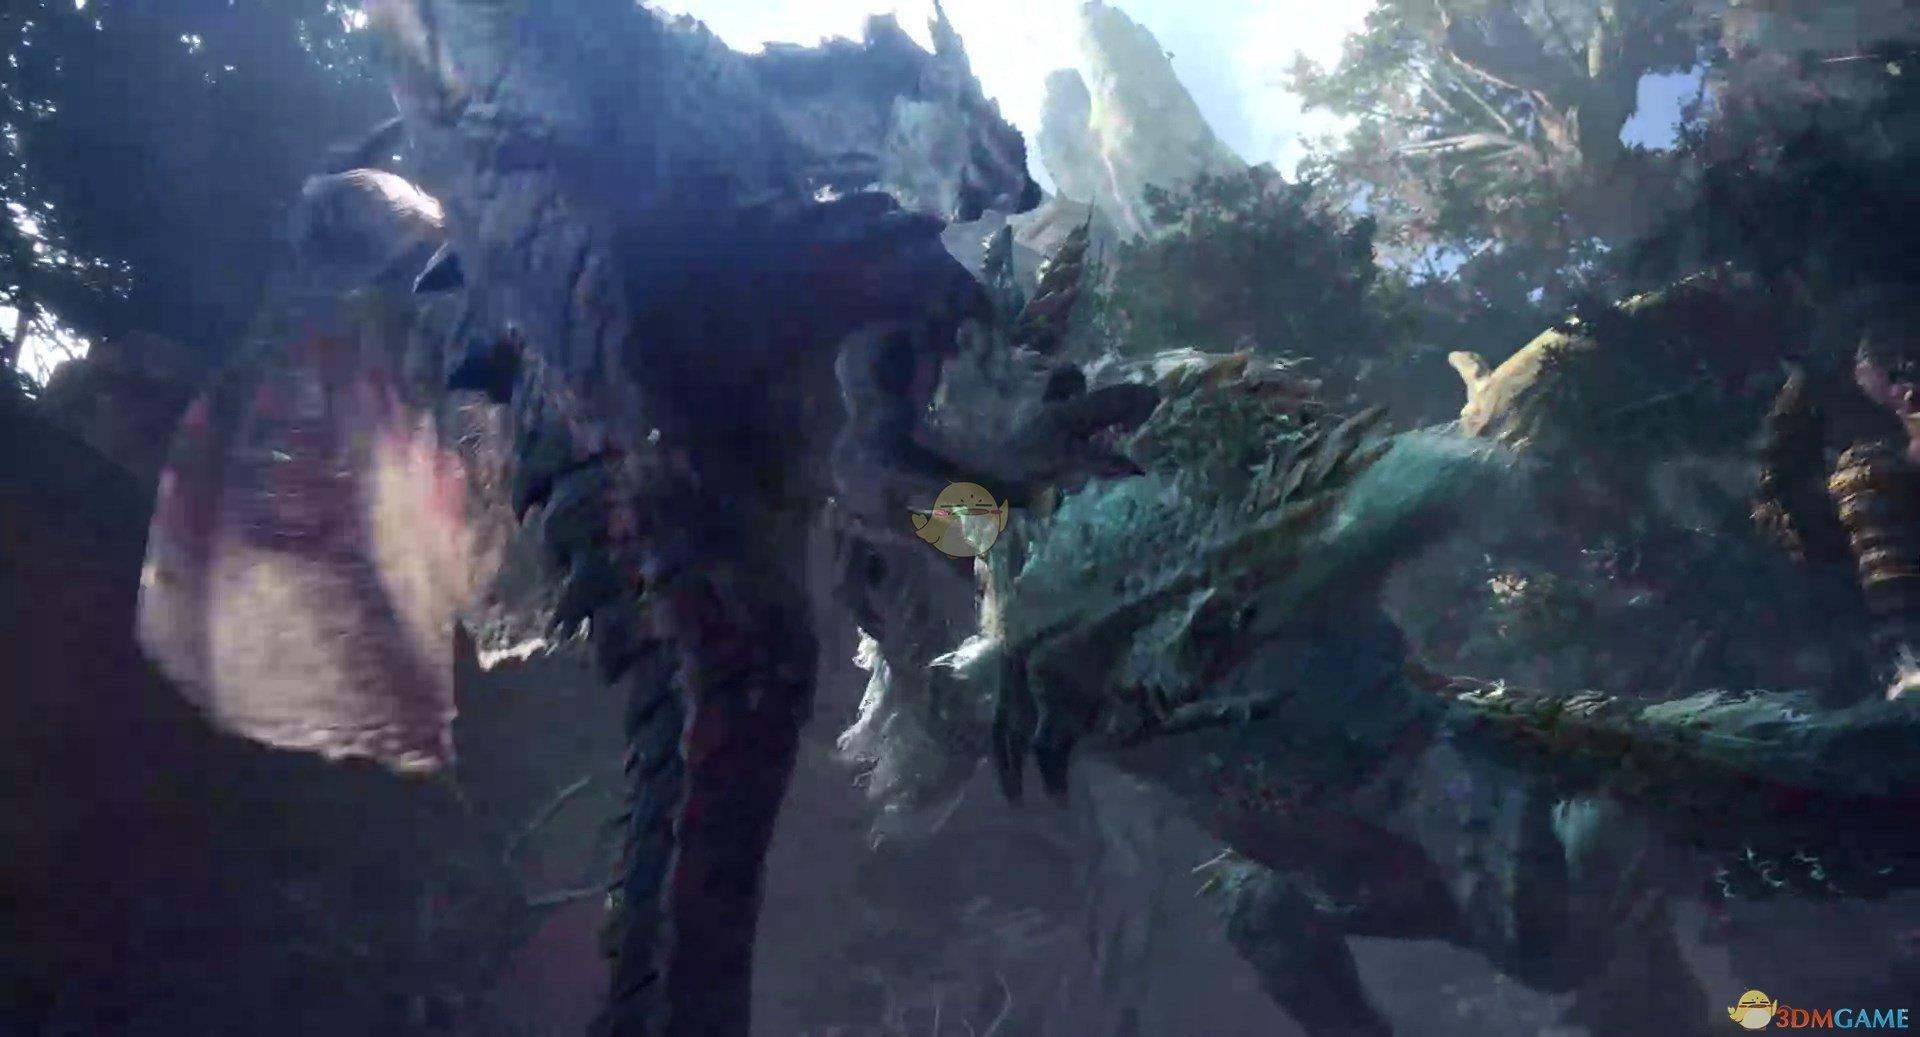 《怪物猎人:世界》冰原DLC剑斧剑形态三连击方法分享